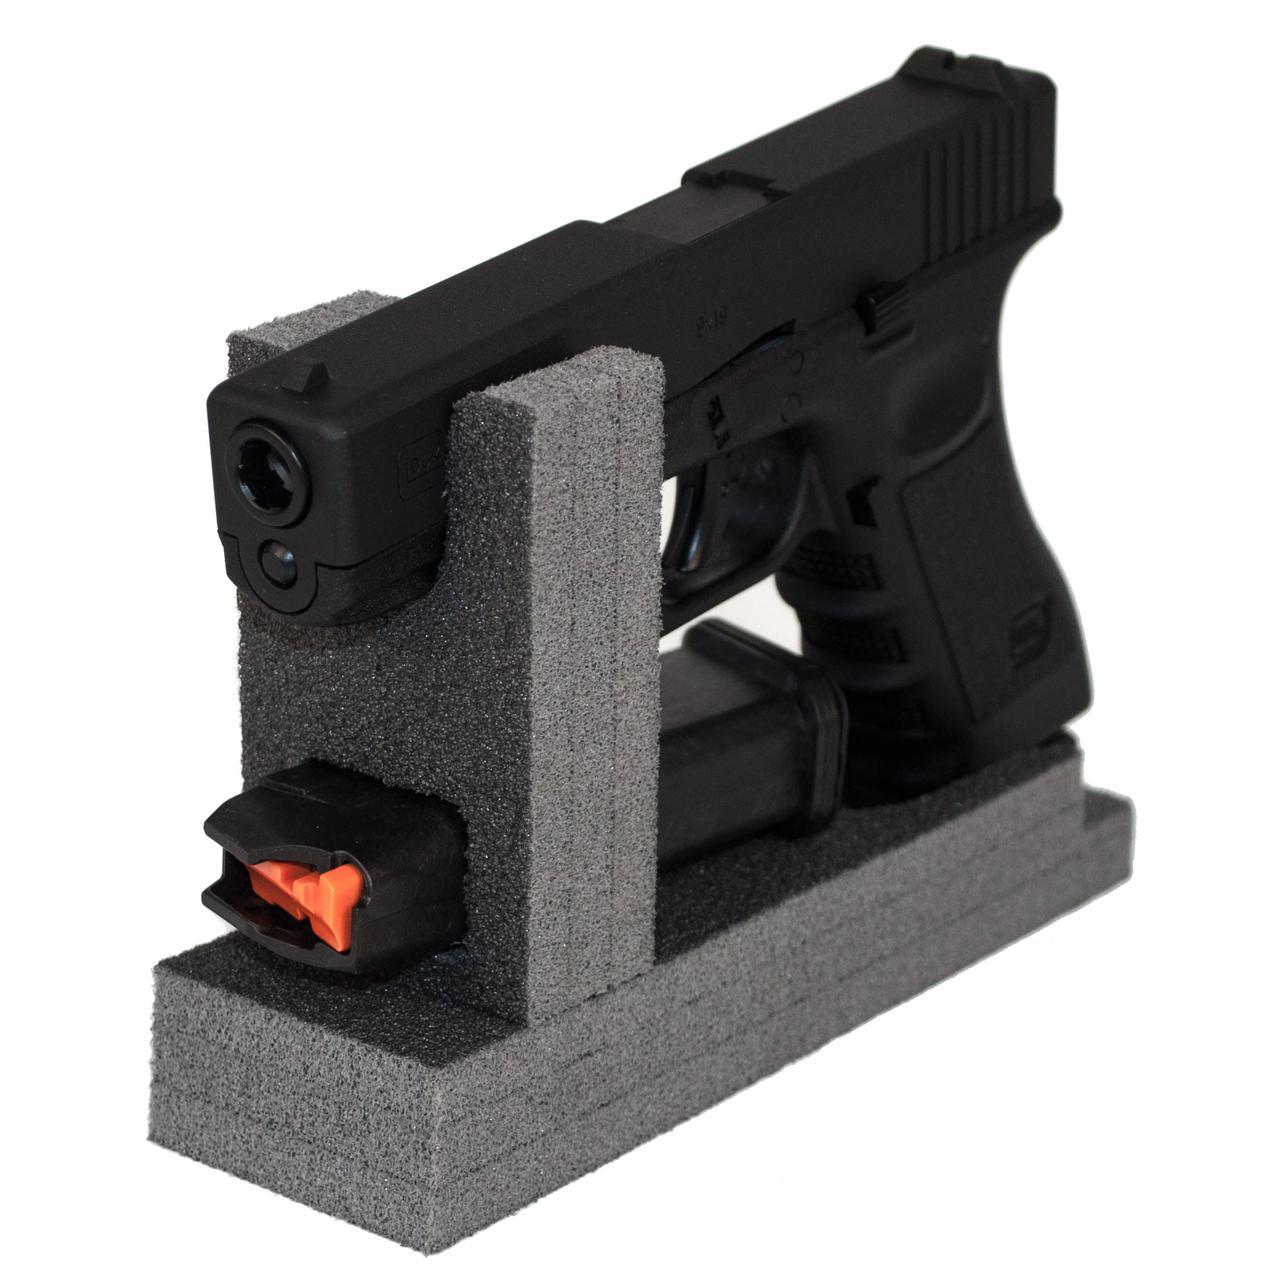 Ложемент / Подставка для пистолета GR1 на 1 пистолет и на 1 магазин